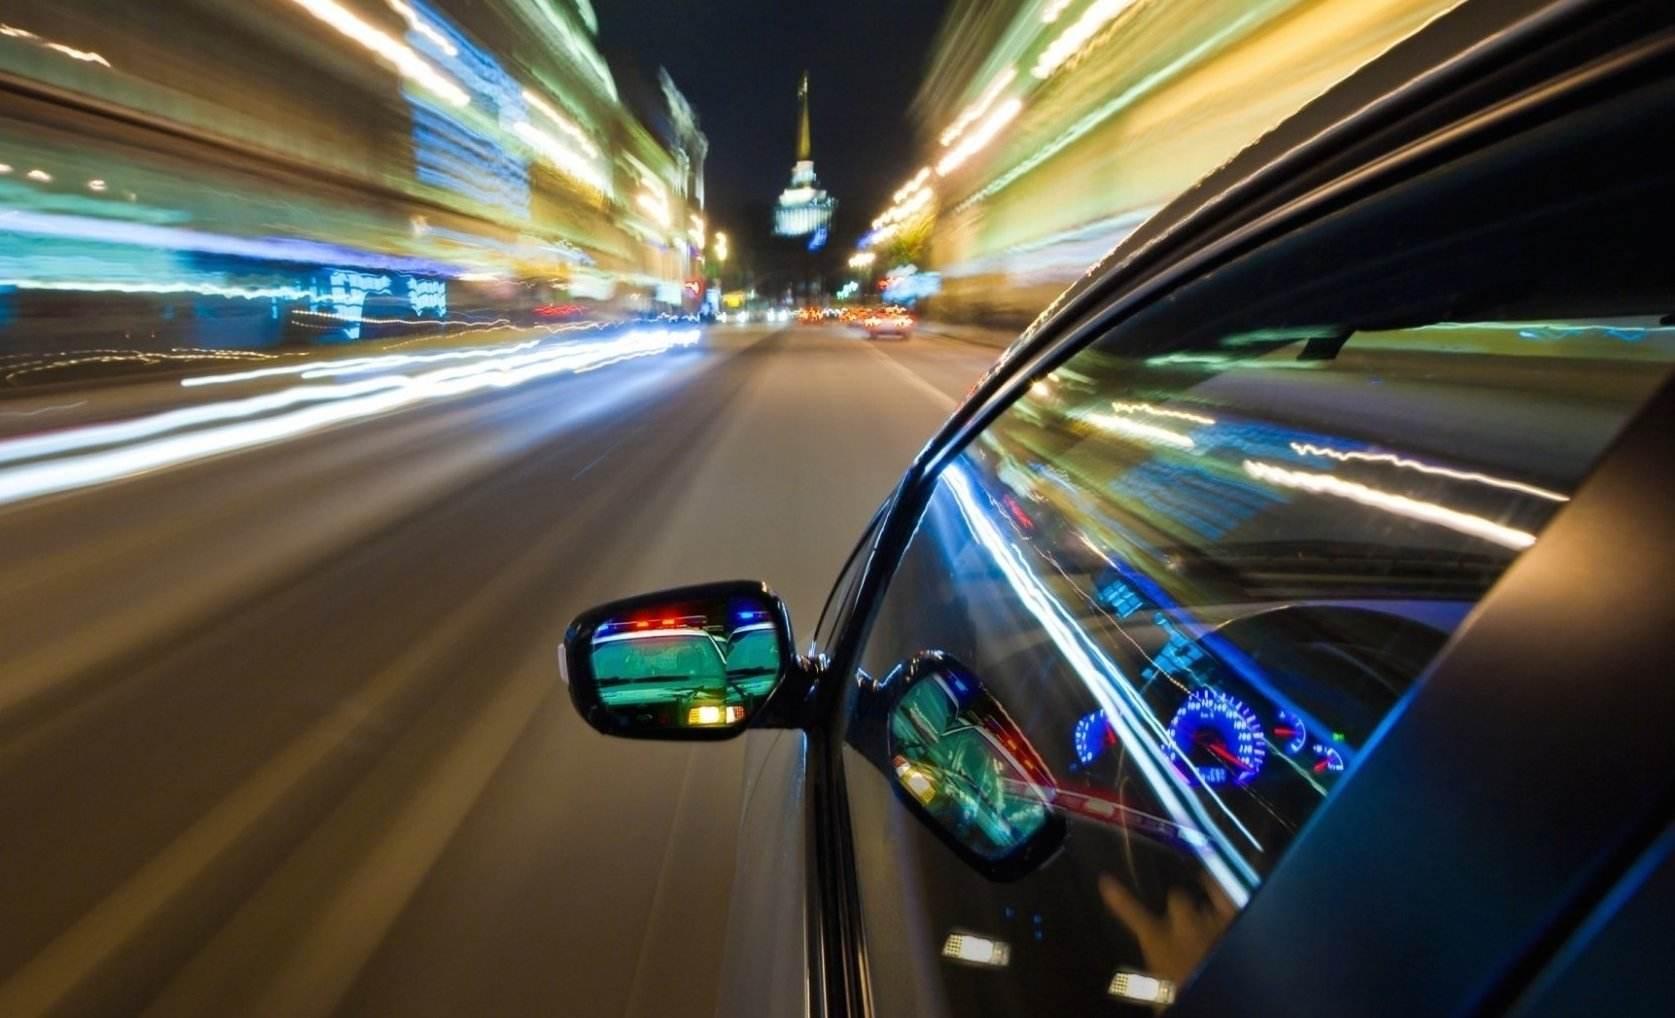 家用车跑滴滴,出事故,法院判决保险公司不用赔!